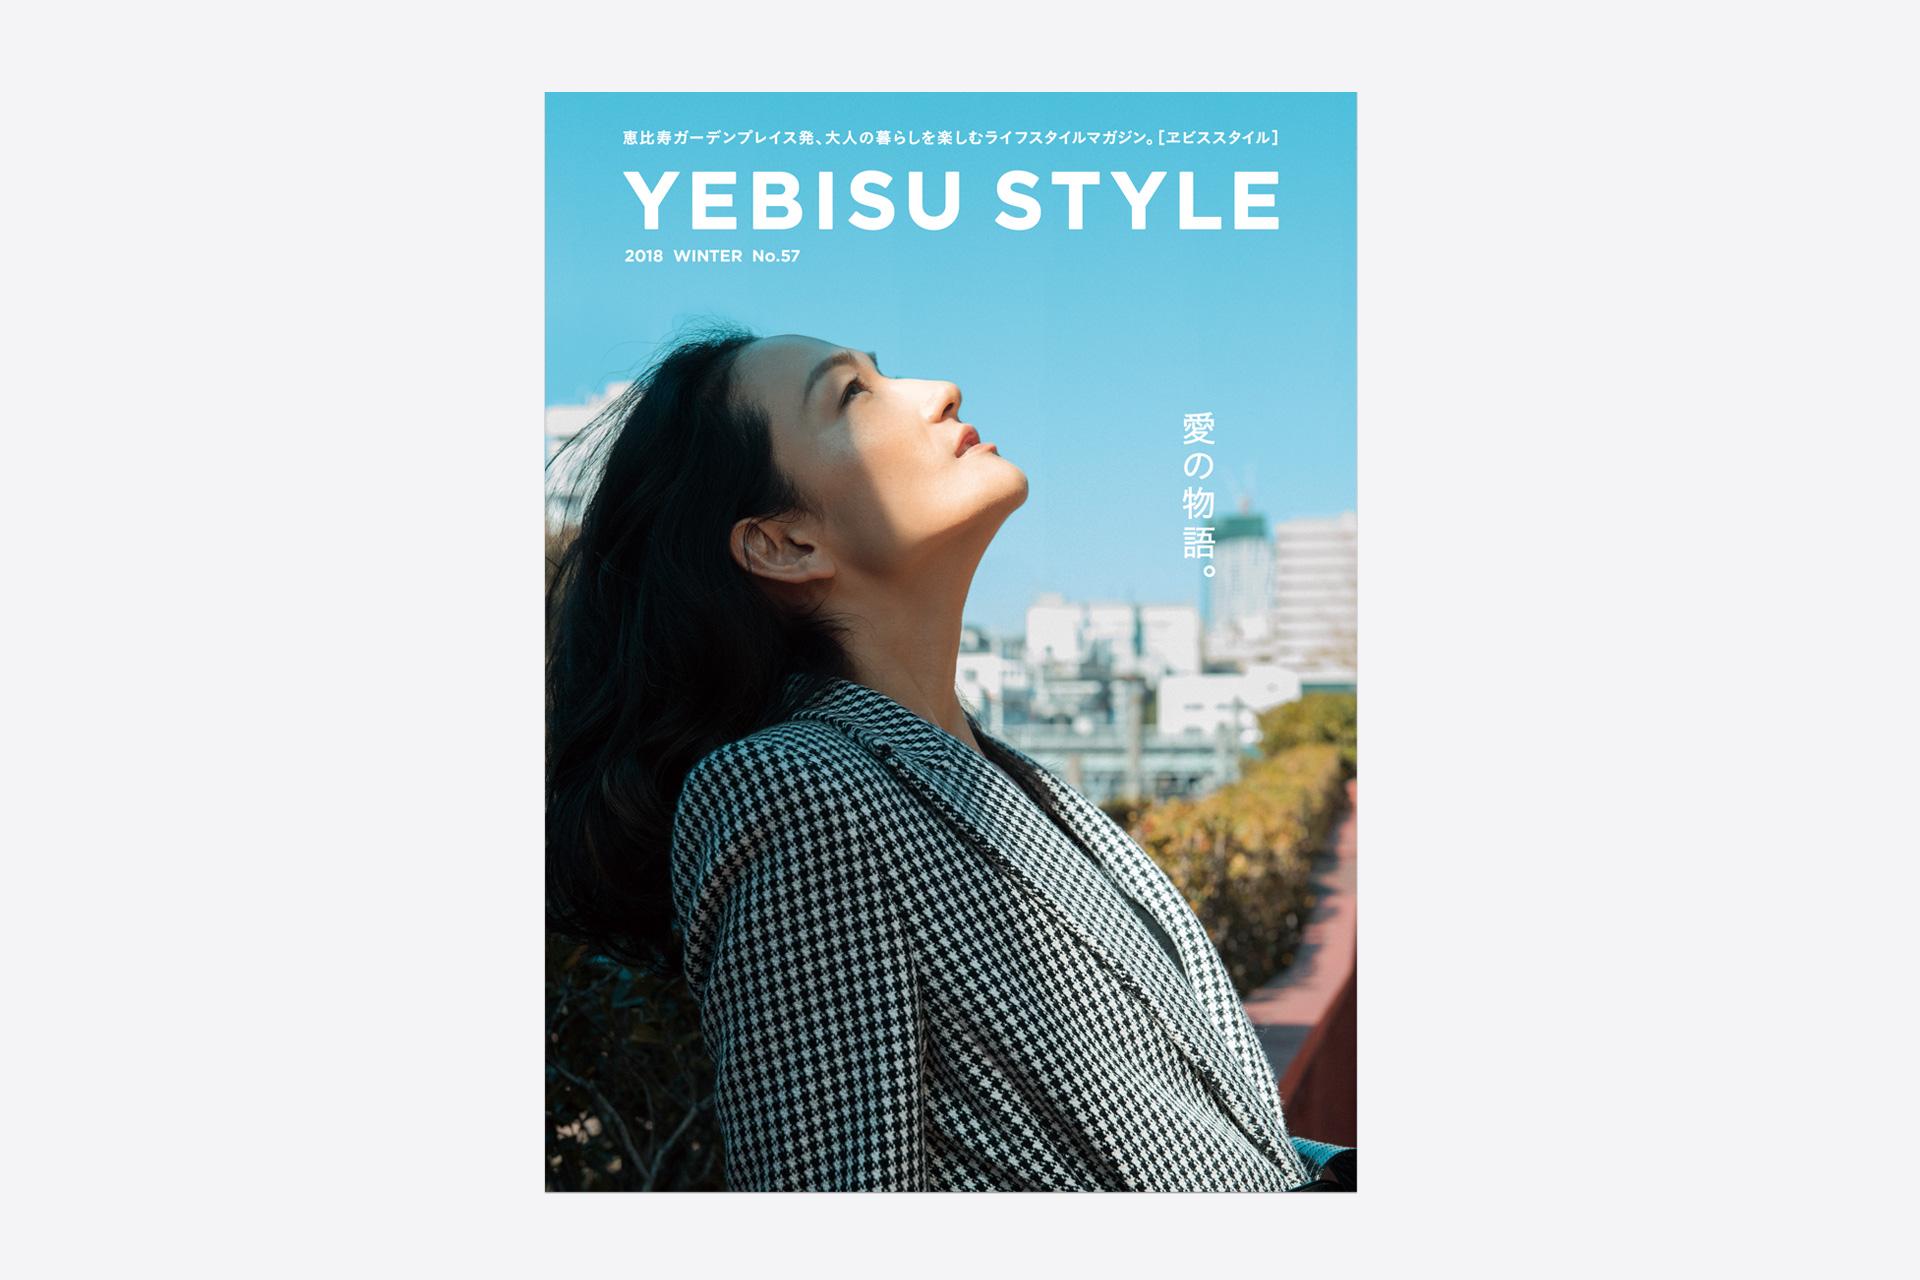 YEBISU STYLE vol.57